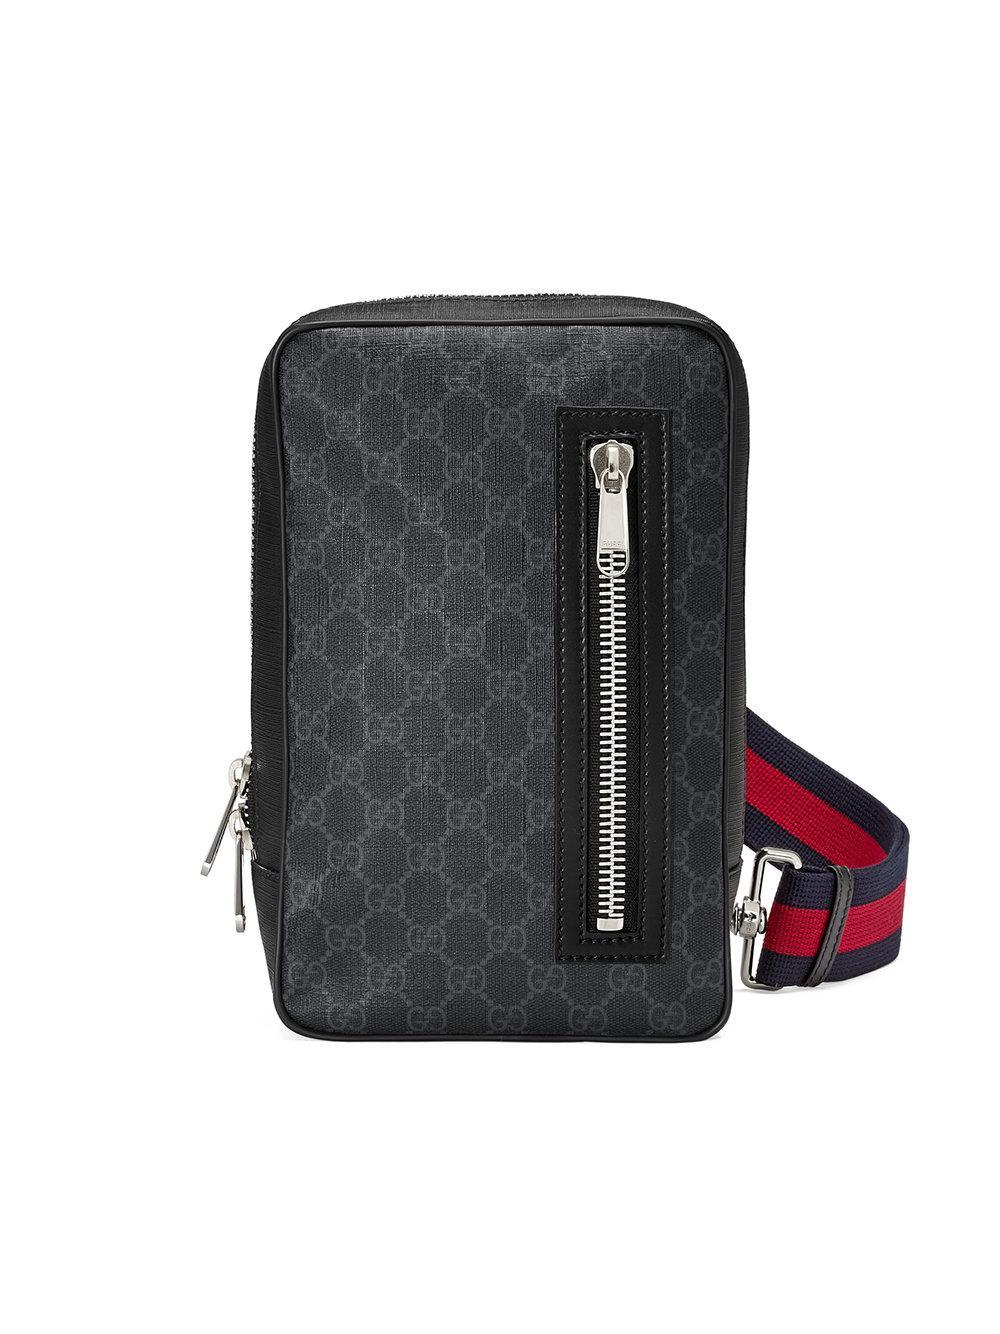 73e5dec74dc Lyst - Gucci Gg Supreme Bag in Black